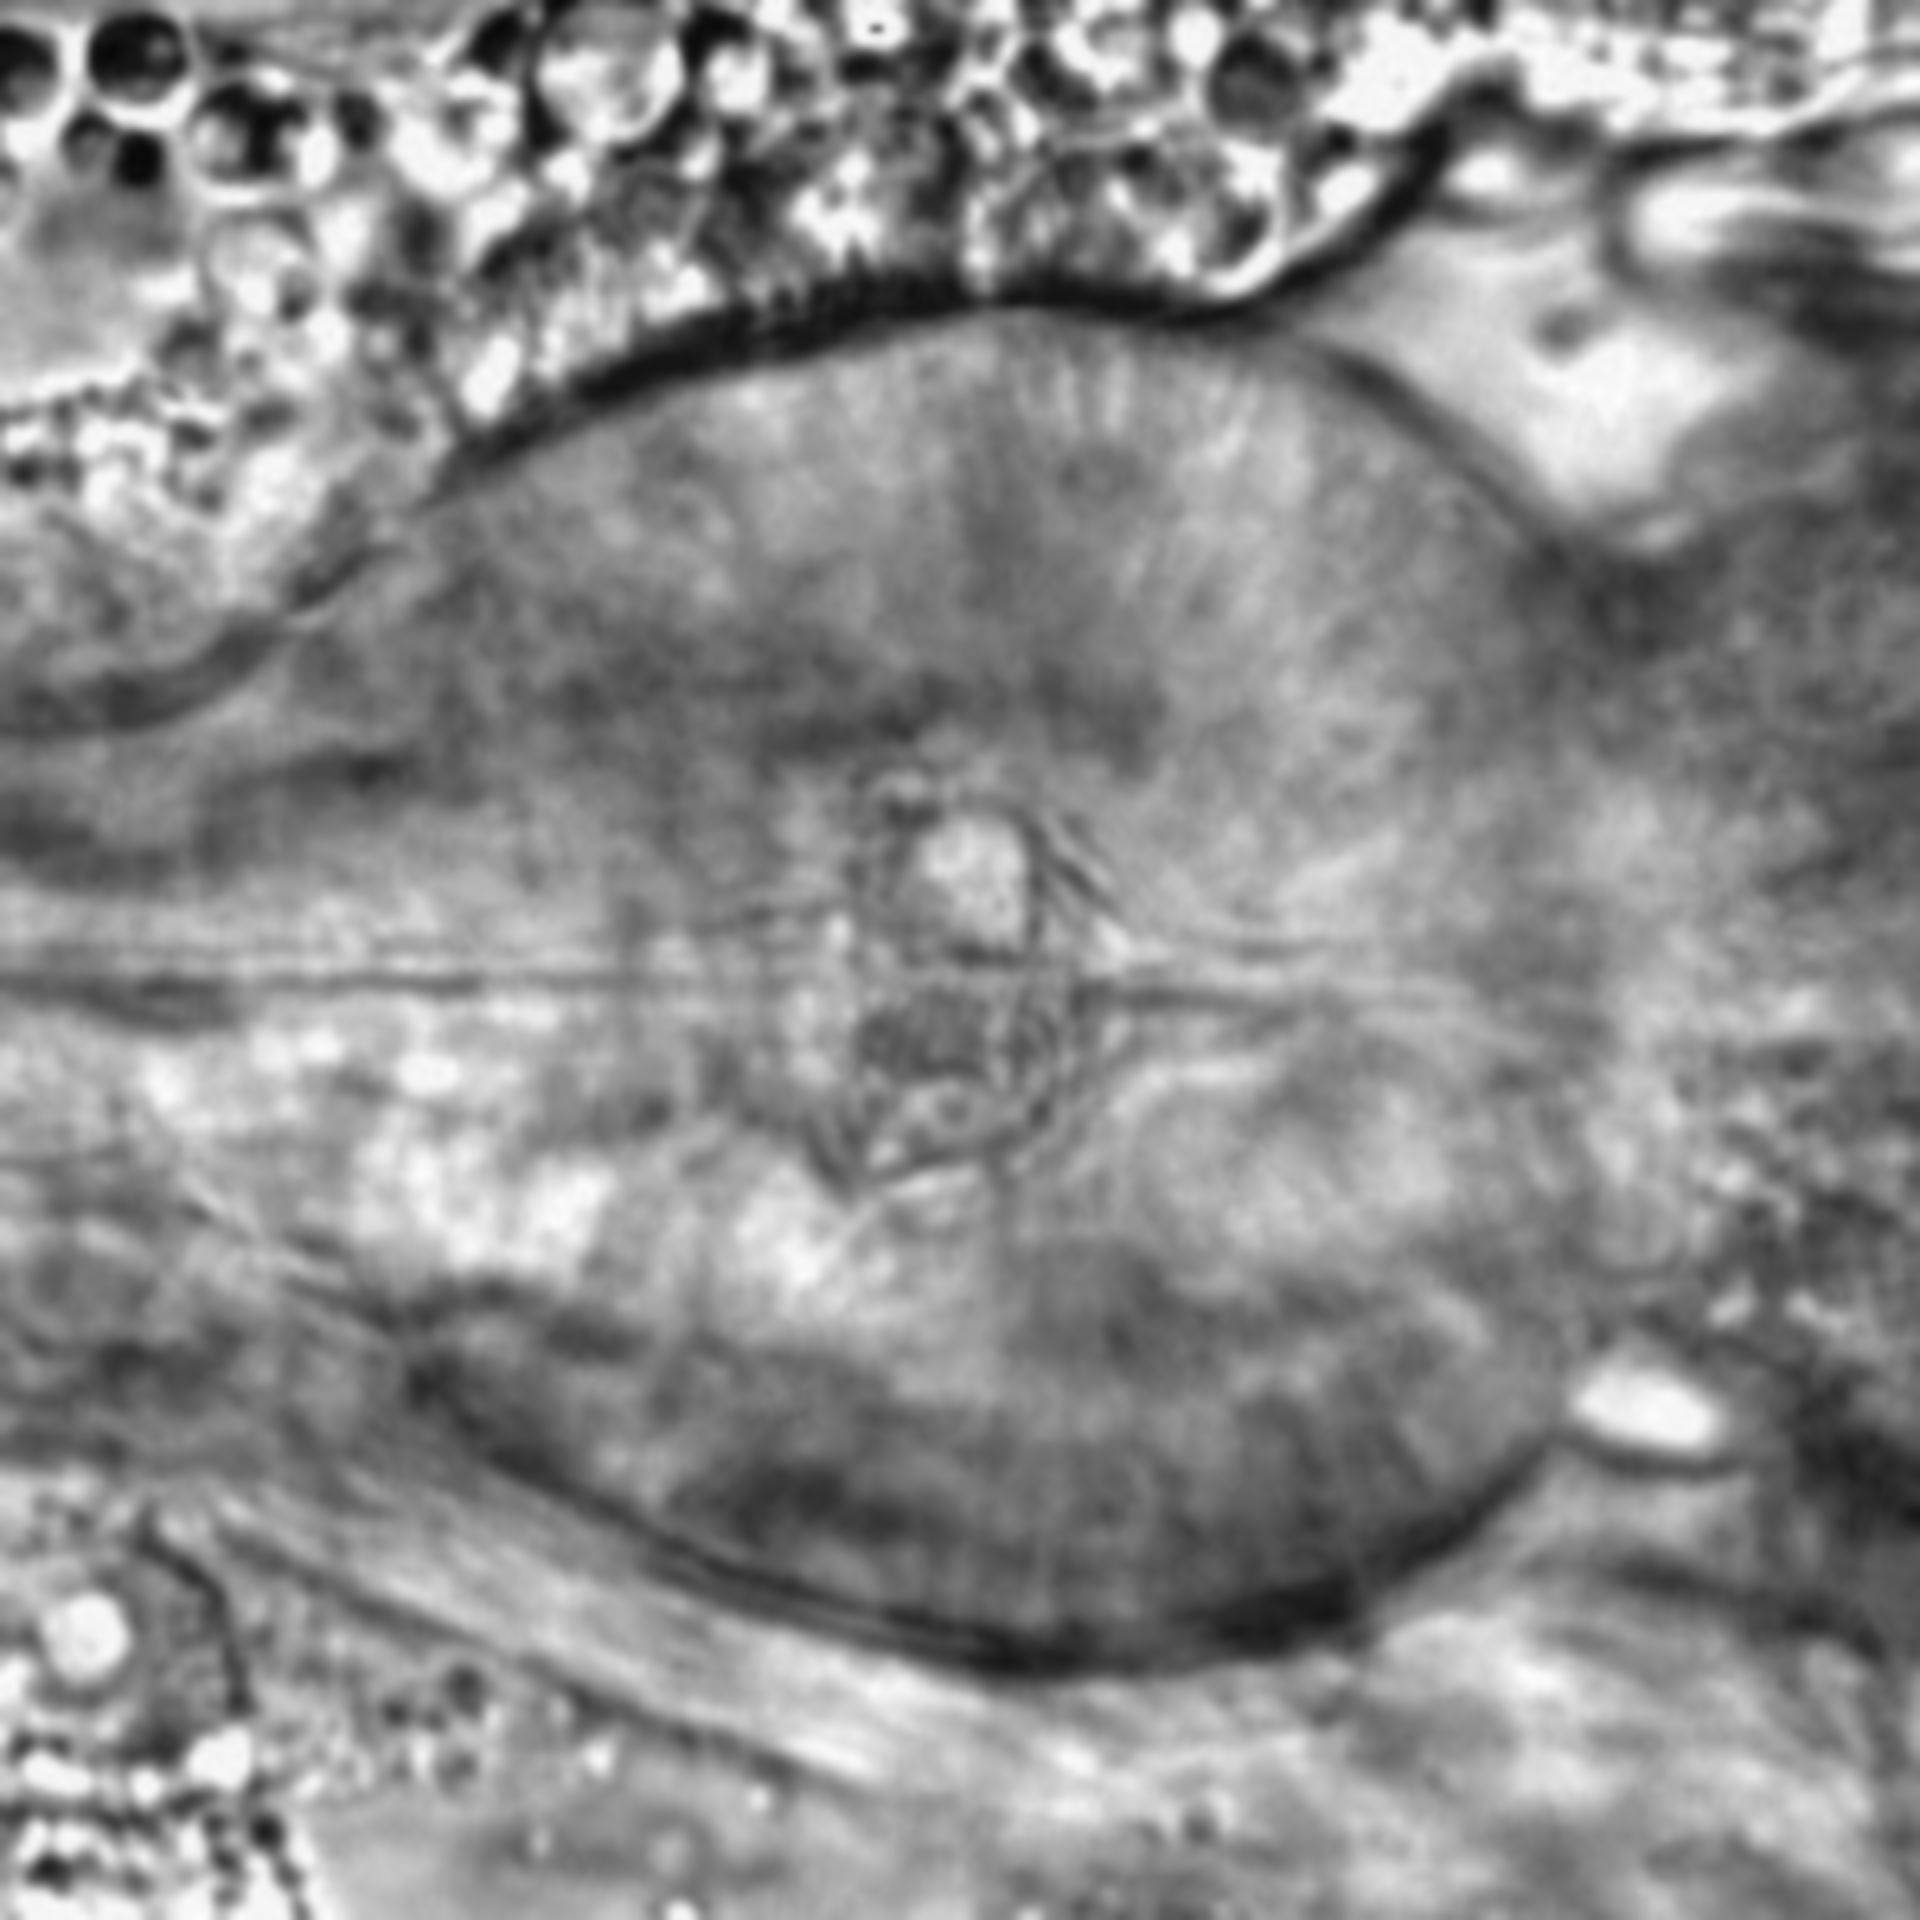 Caenorhabditis elegans - CIL:2142